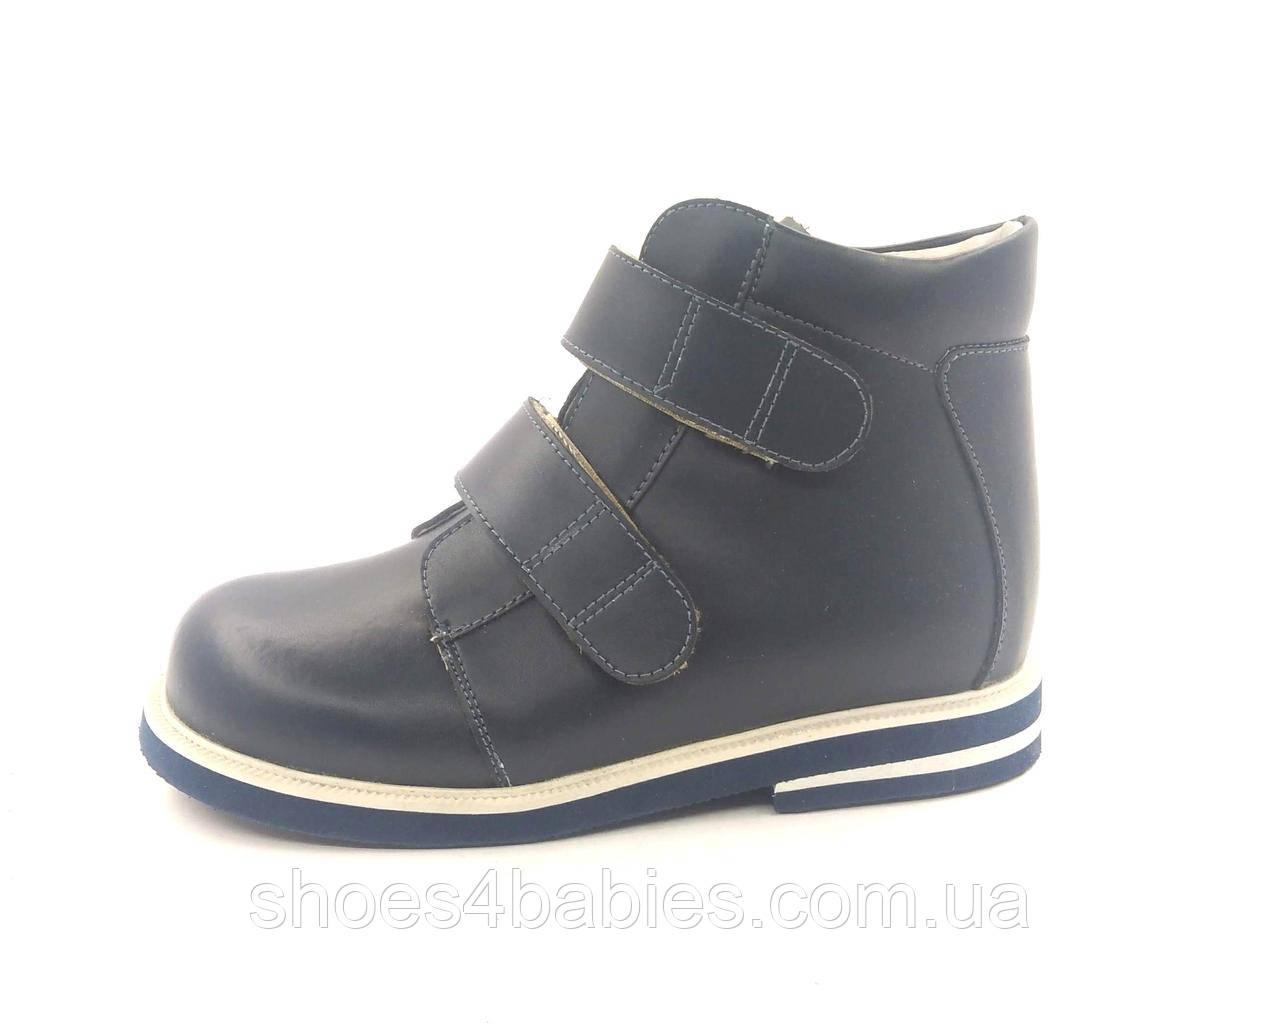 e362f711c Детские ортопедические ботинки Сурсил Орто р. 18-35 модель 09-016 - Магазин